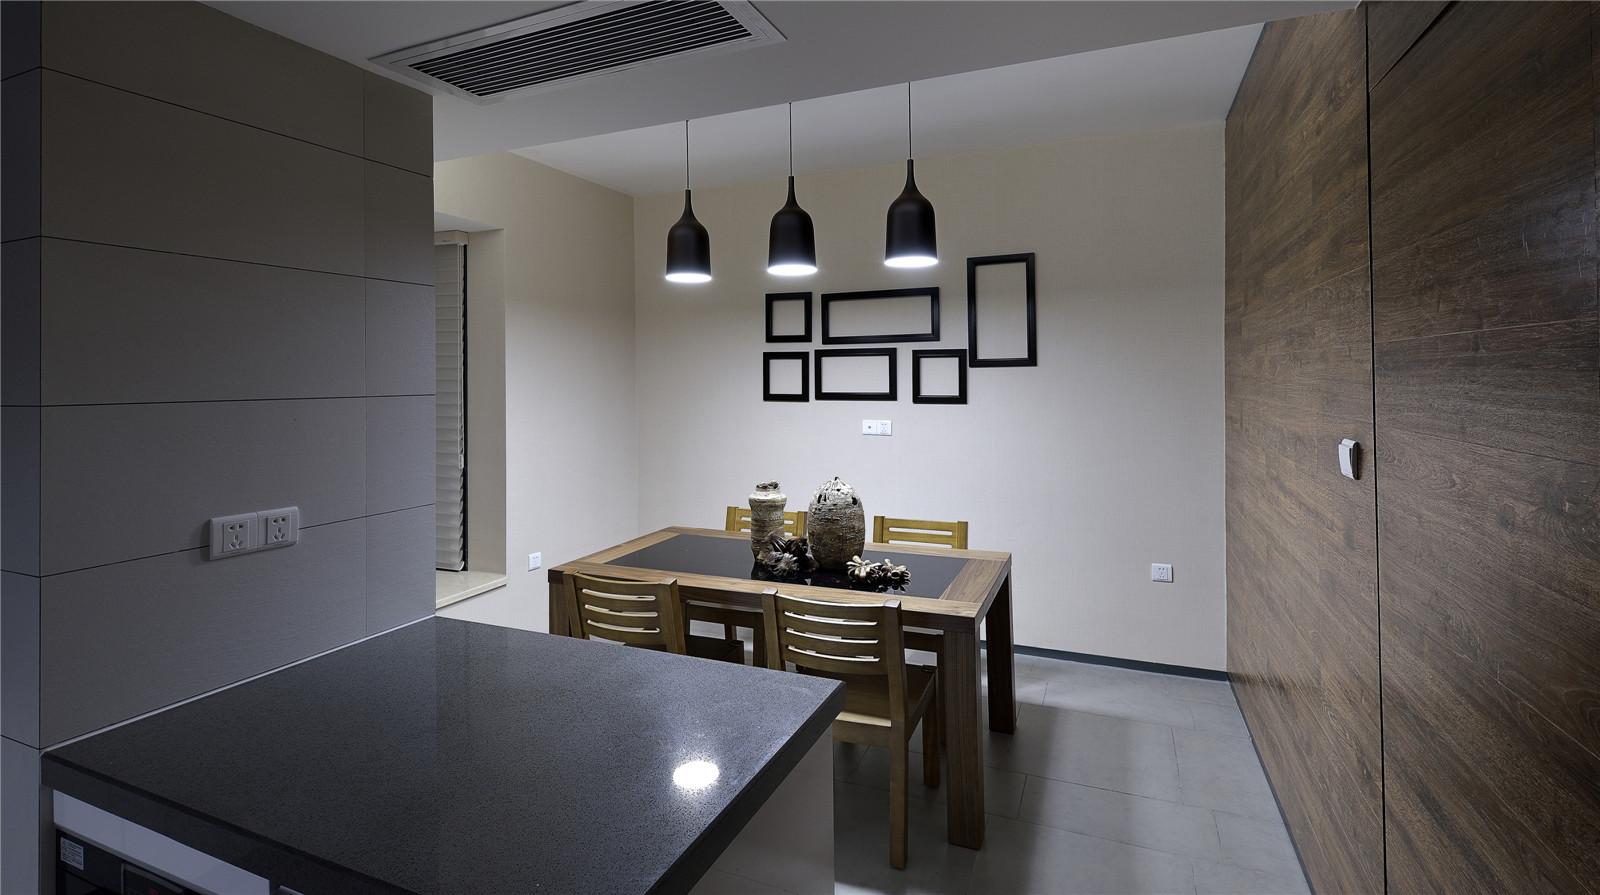 二居 旧房改造 新中式风格 北京装修 装修效果图 卧室图片来自爱尚易格装饰在爱尚易格海淀区惠普南里的分享